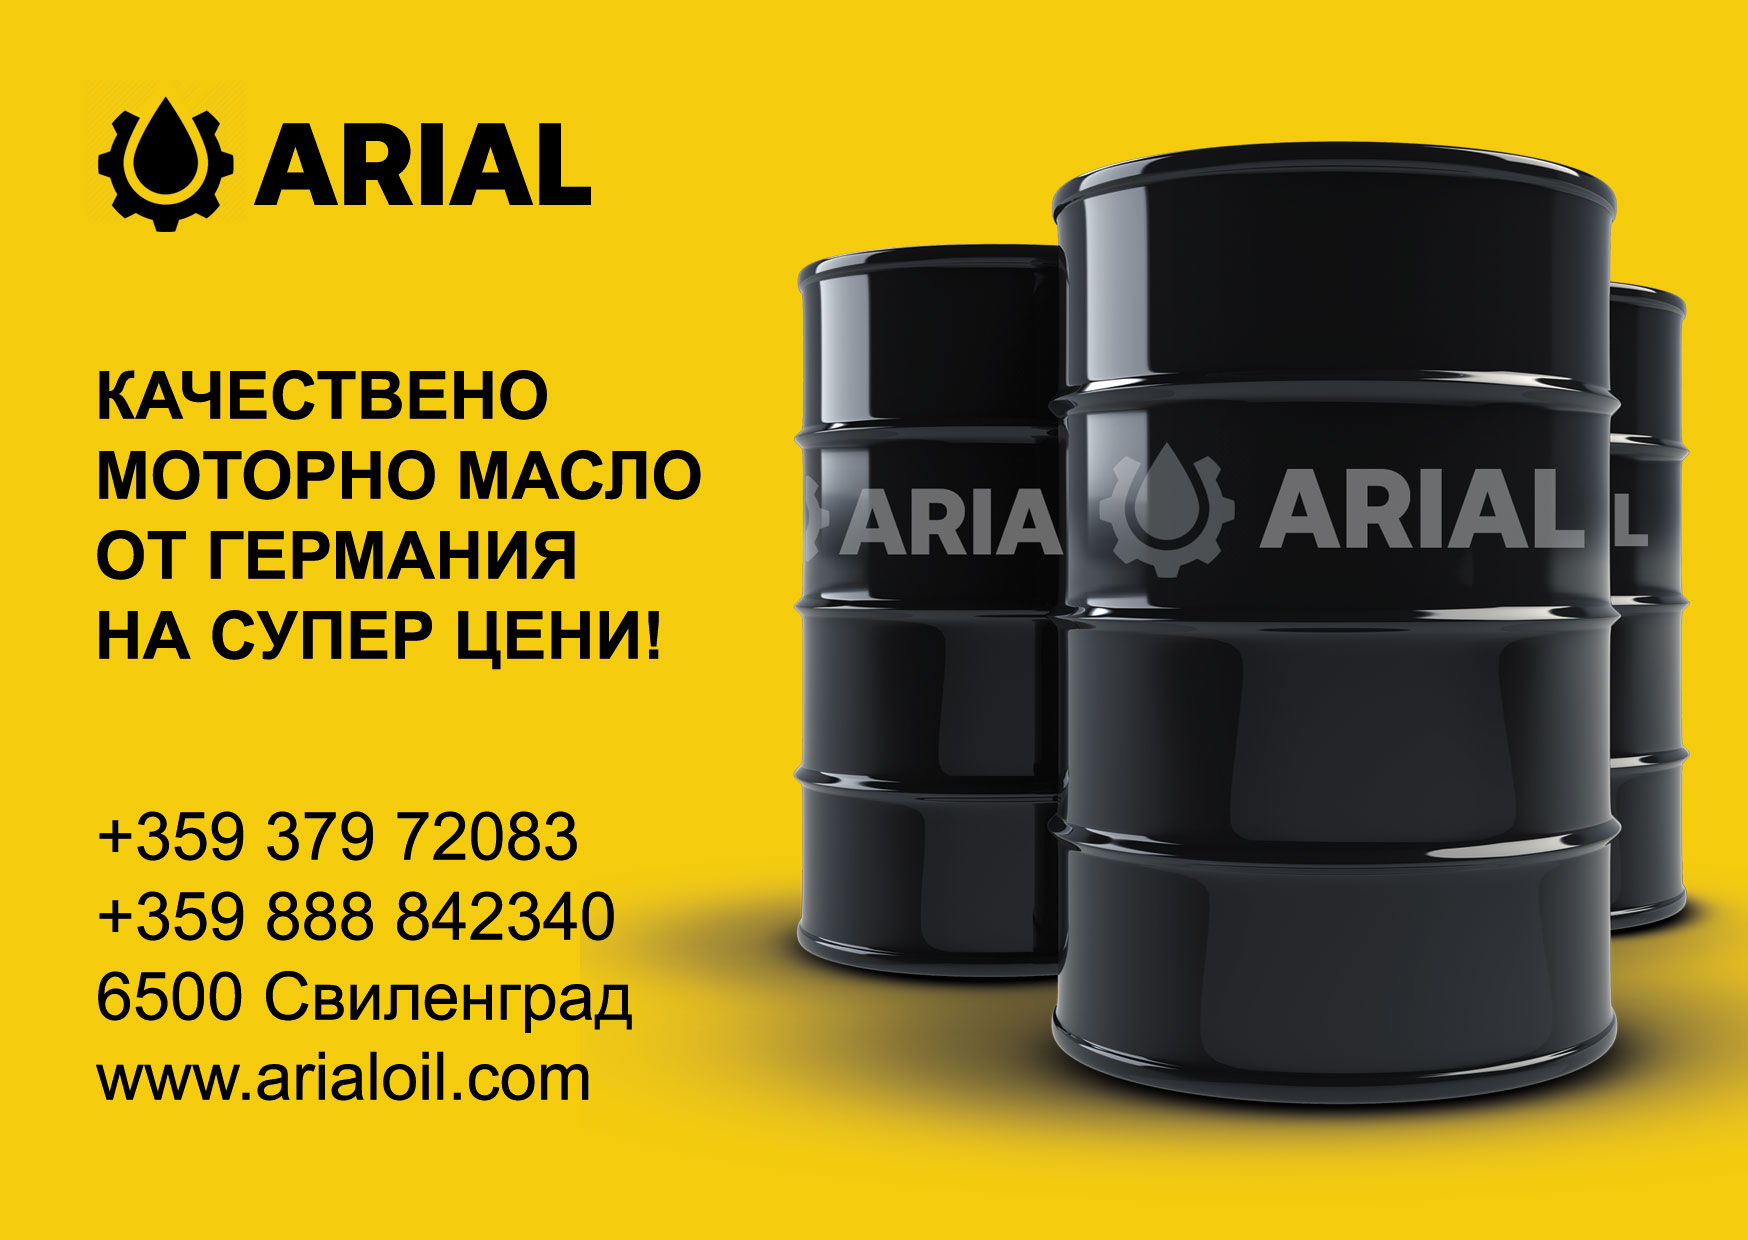 Моторное масло для грузового автомобиля марки ARIAL: какое лучше выбрать